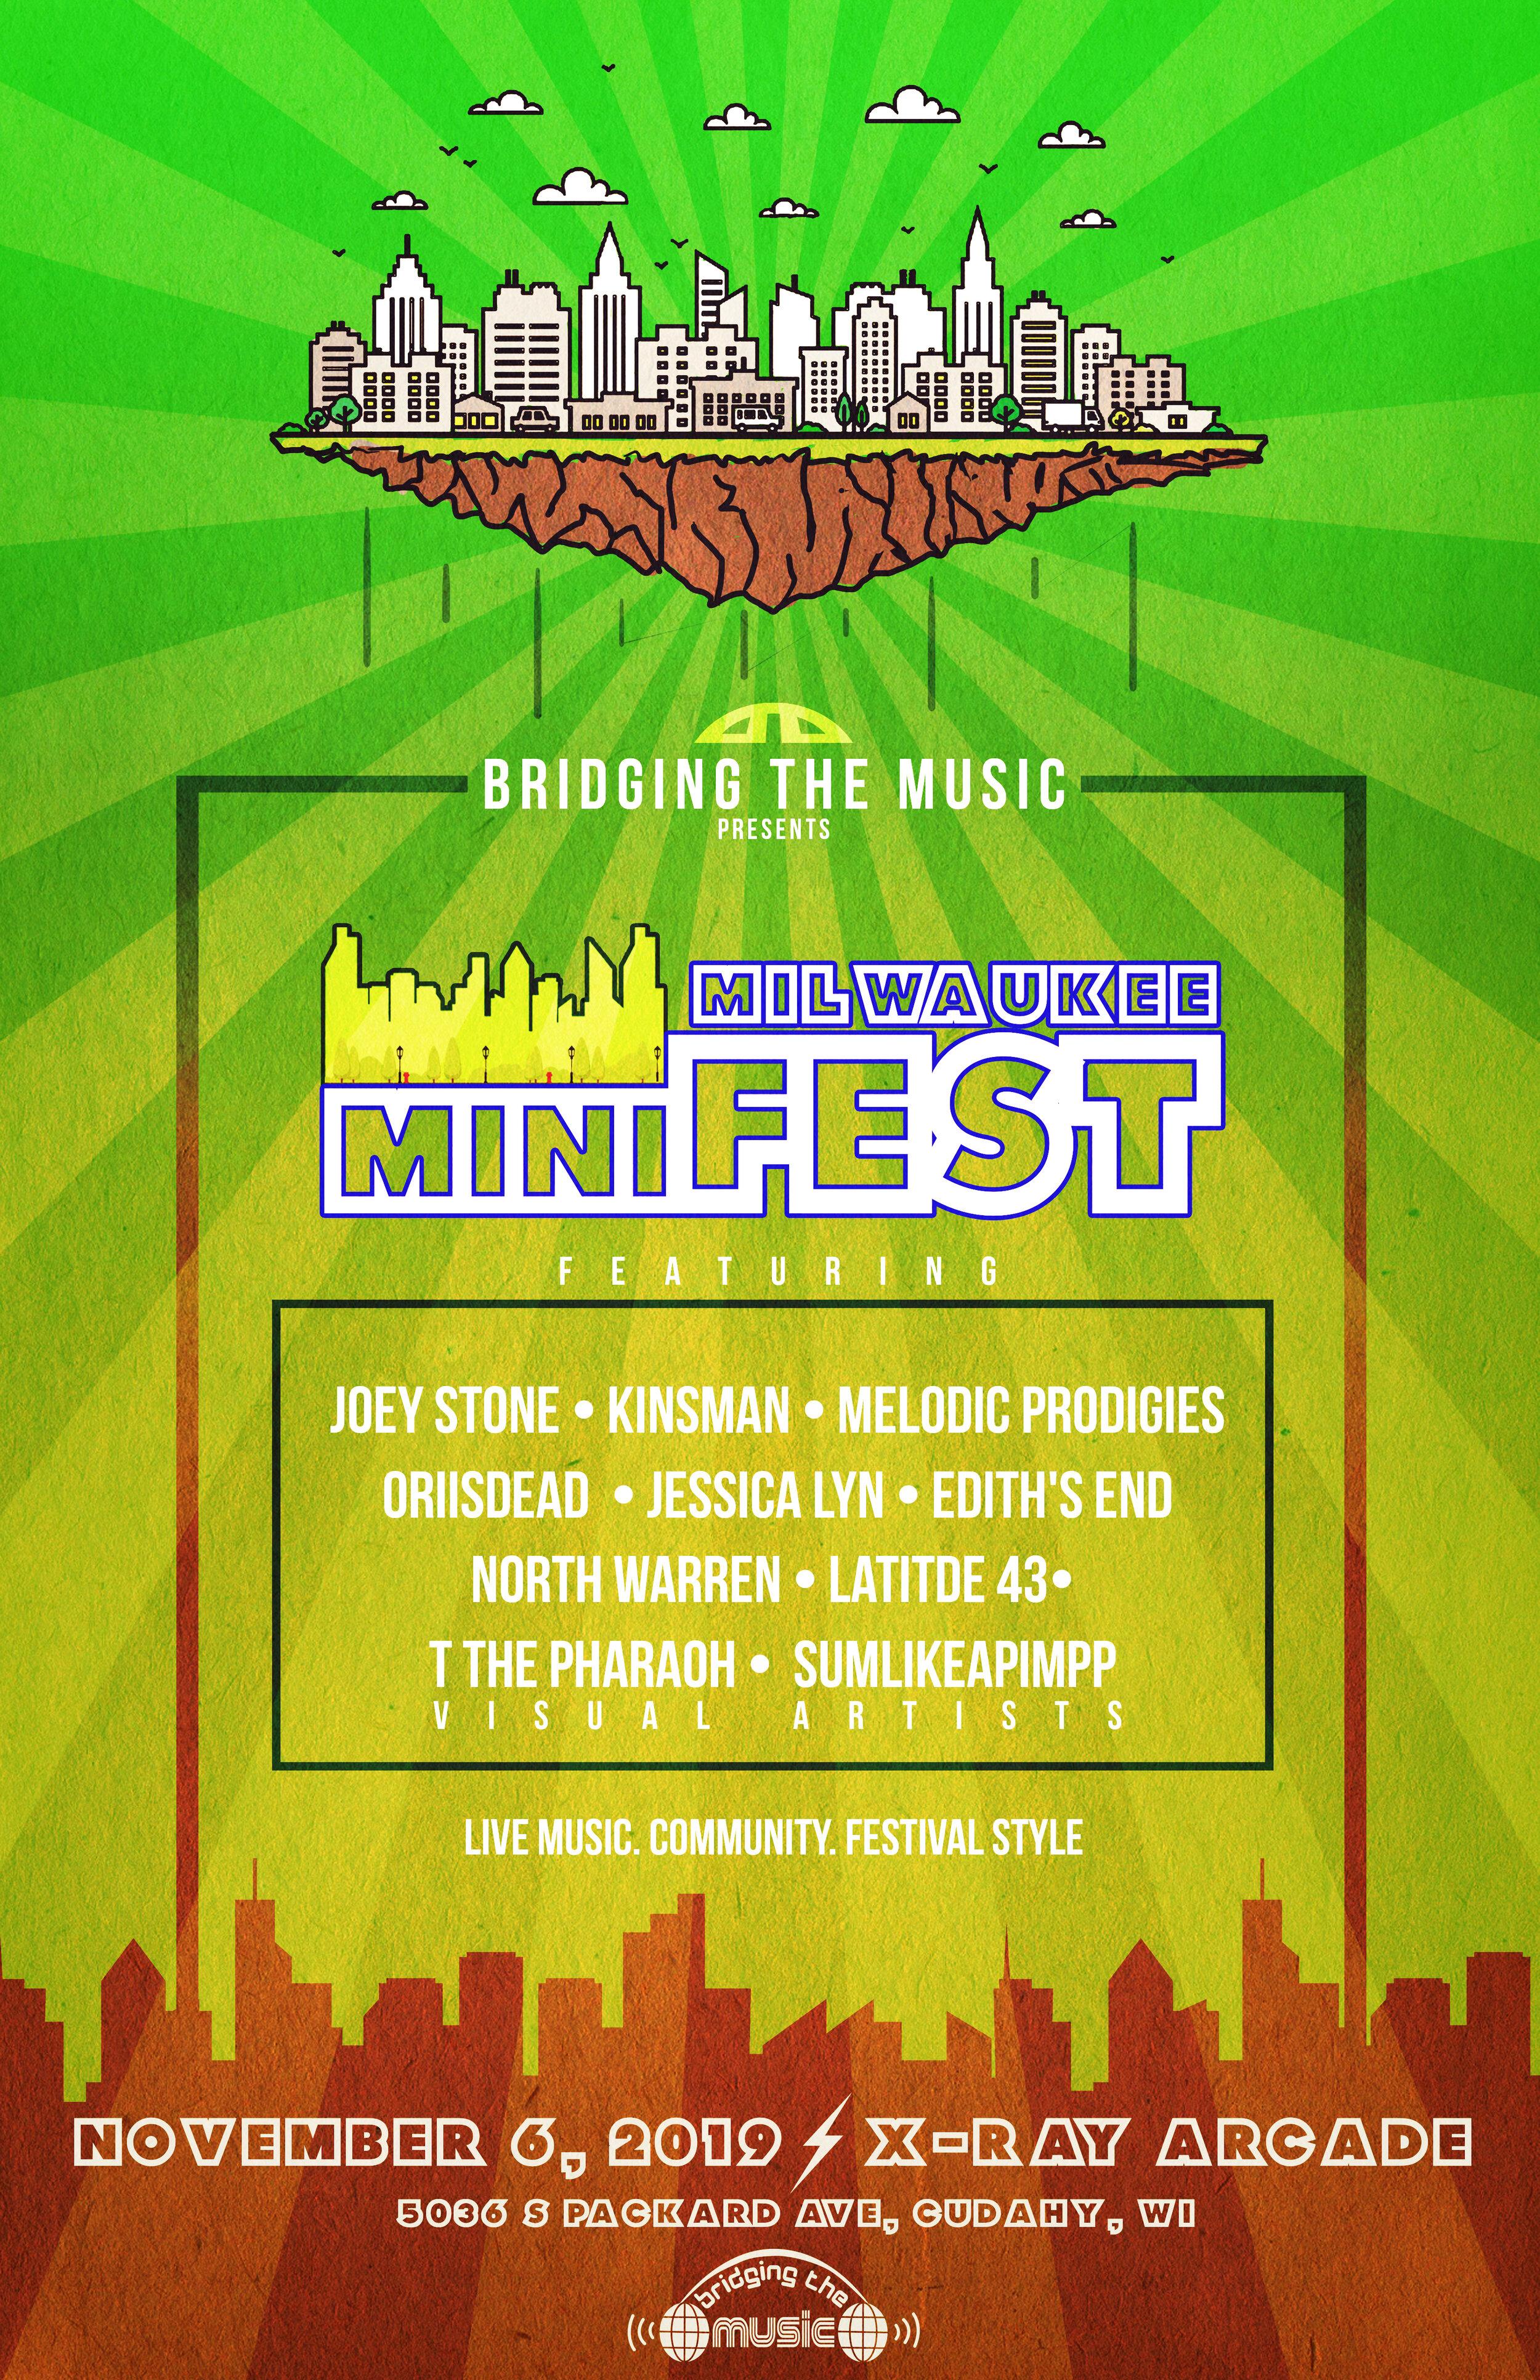 minifest_poster.jpg